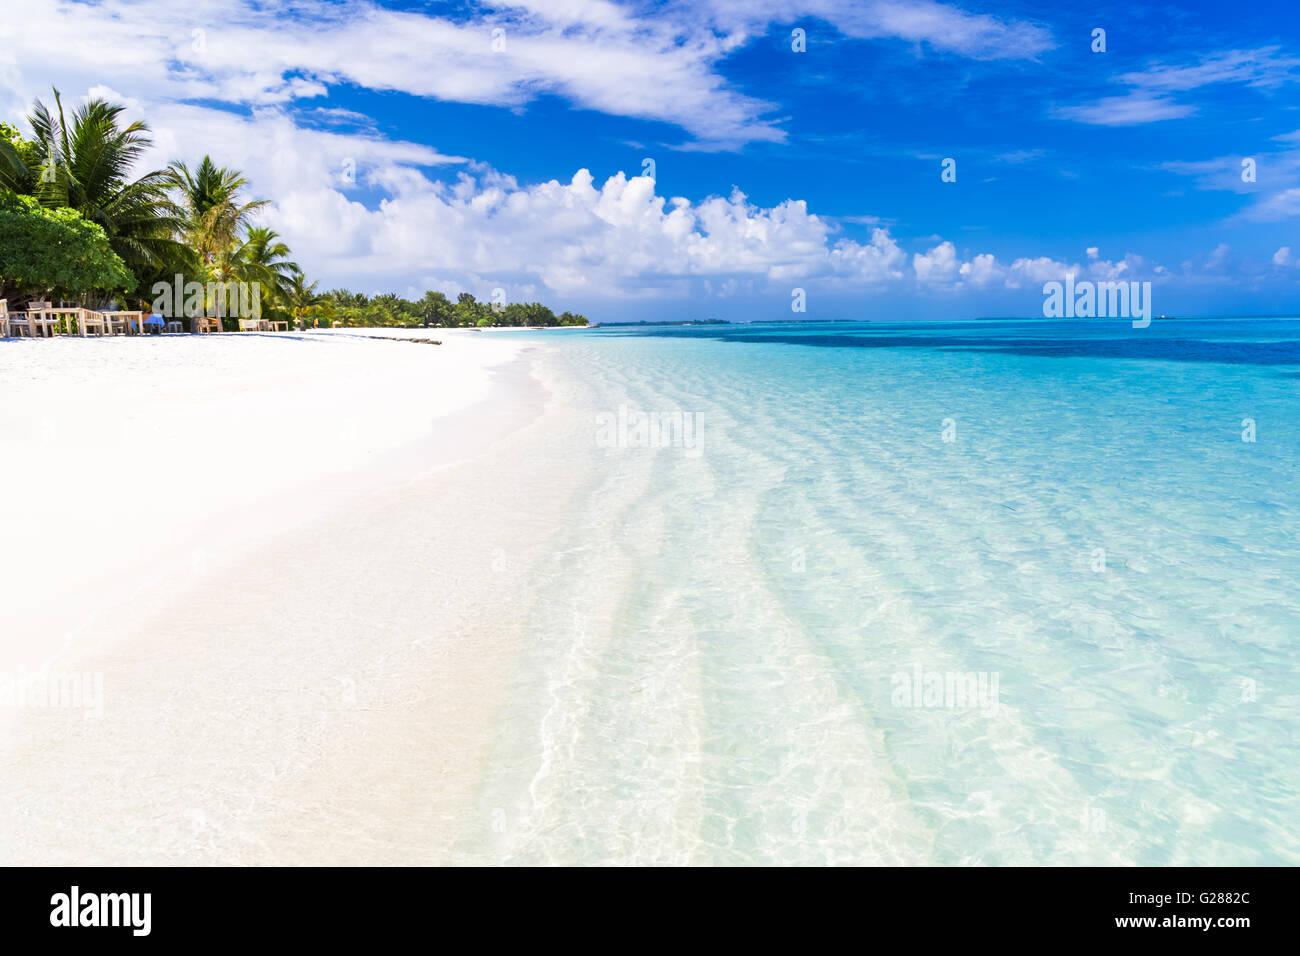 Increíble paisaje de playa en Maldivas Imagen De Stock